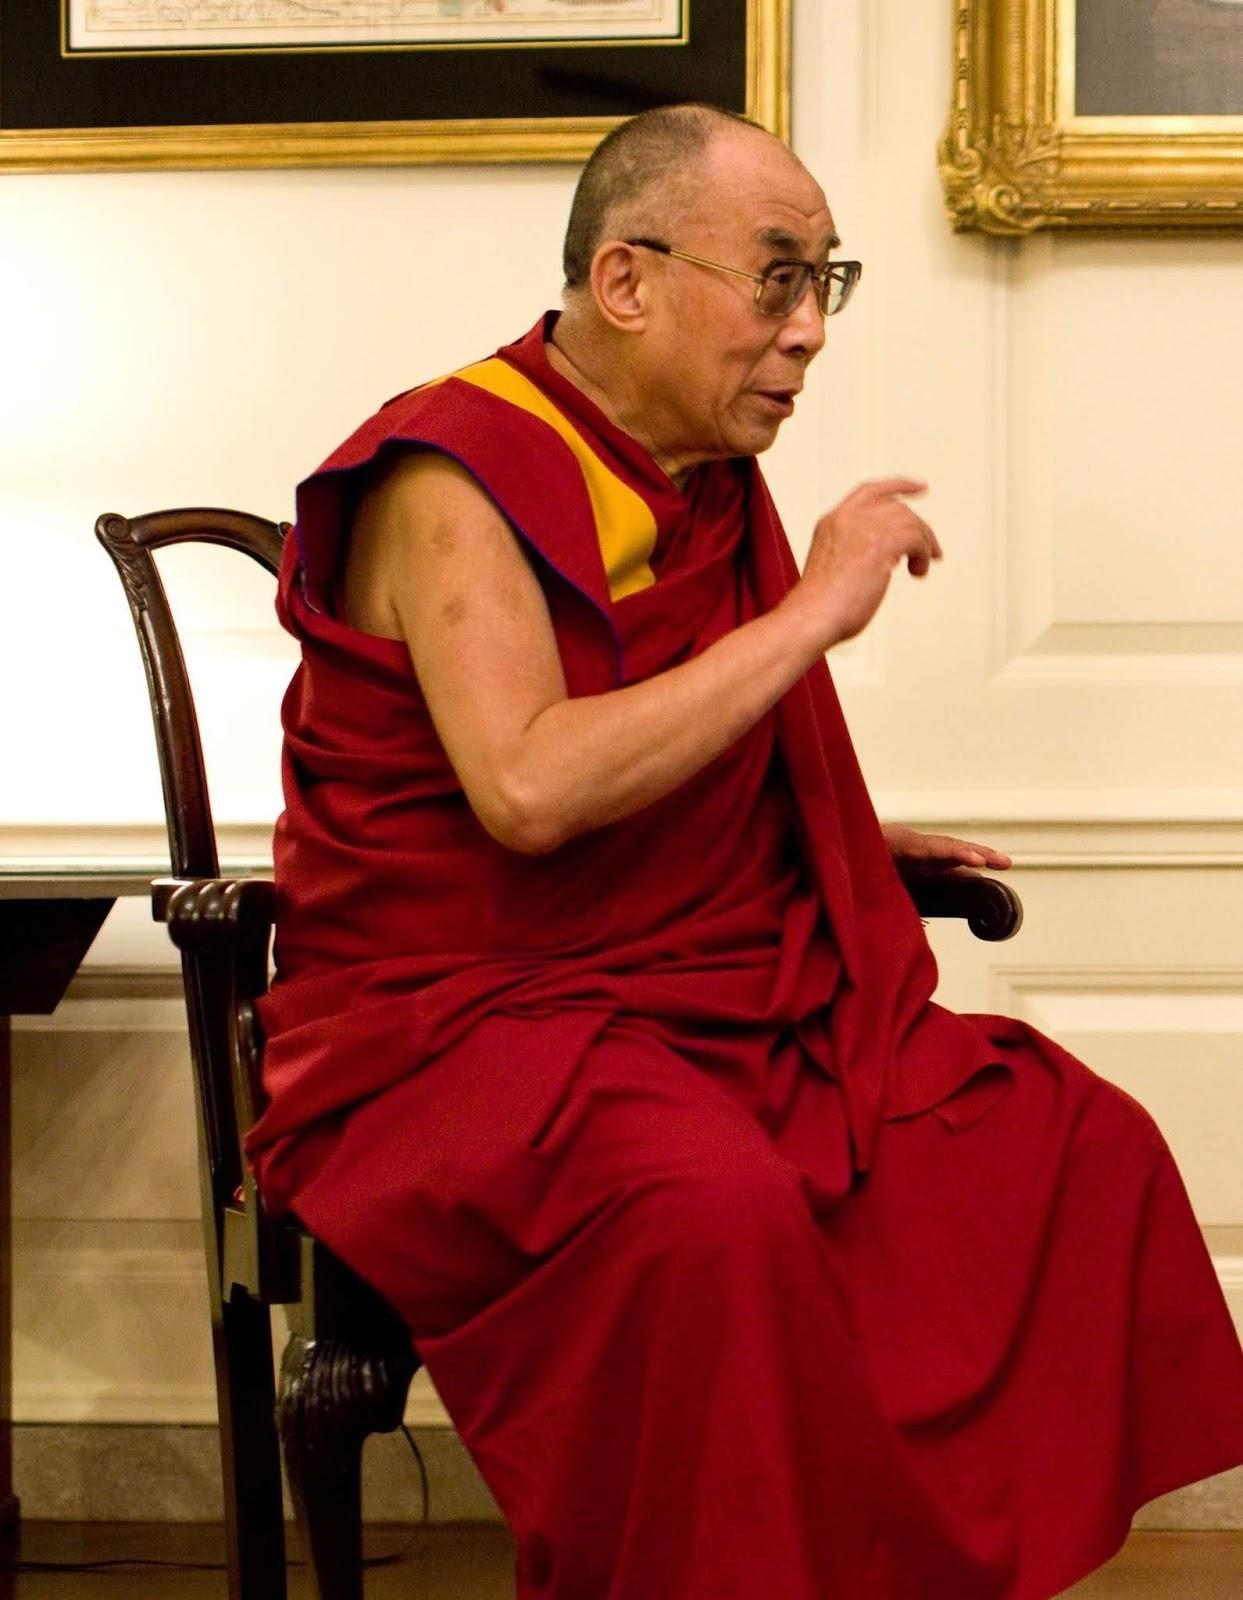 Free stock photo of 14th dalai lama, born july 6 1935, buddhist wallpaper